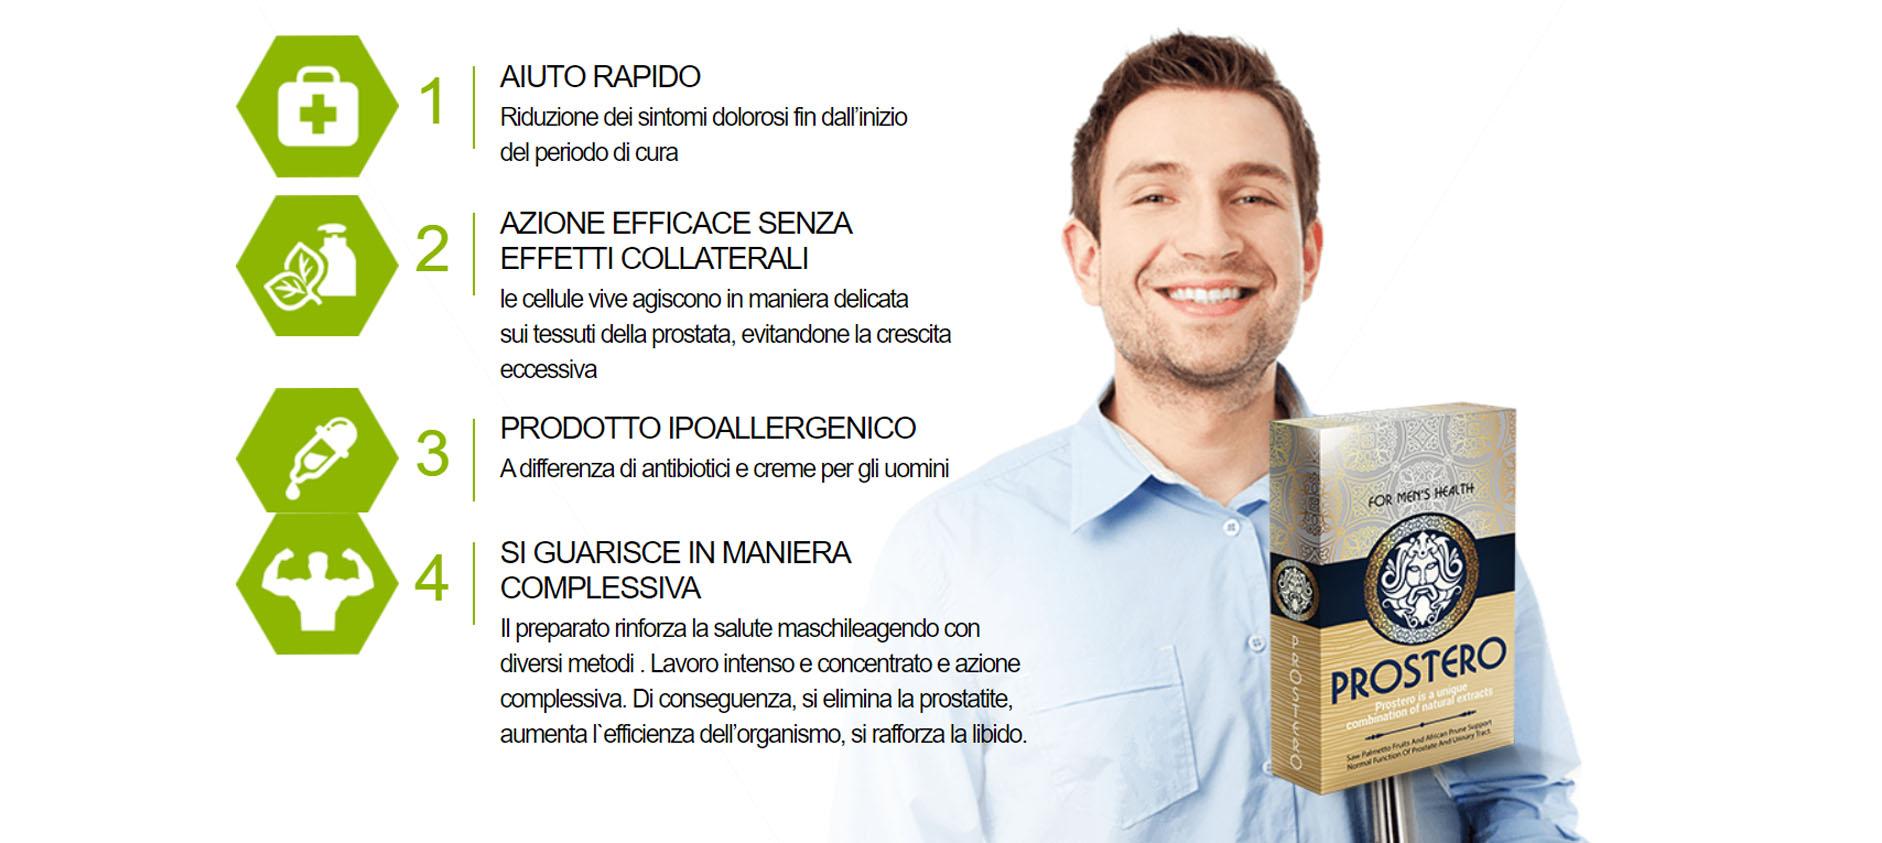 prostero integratore prostata